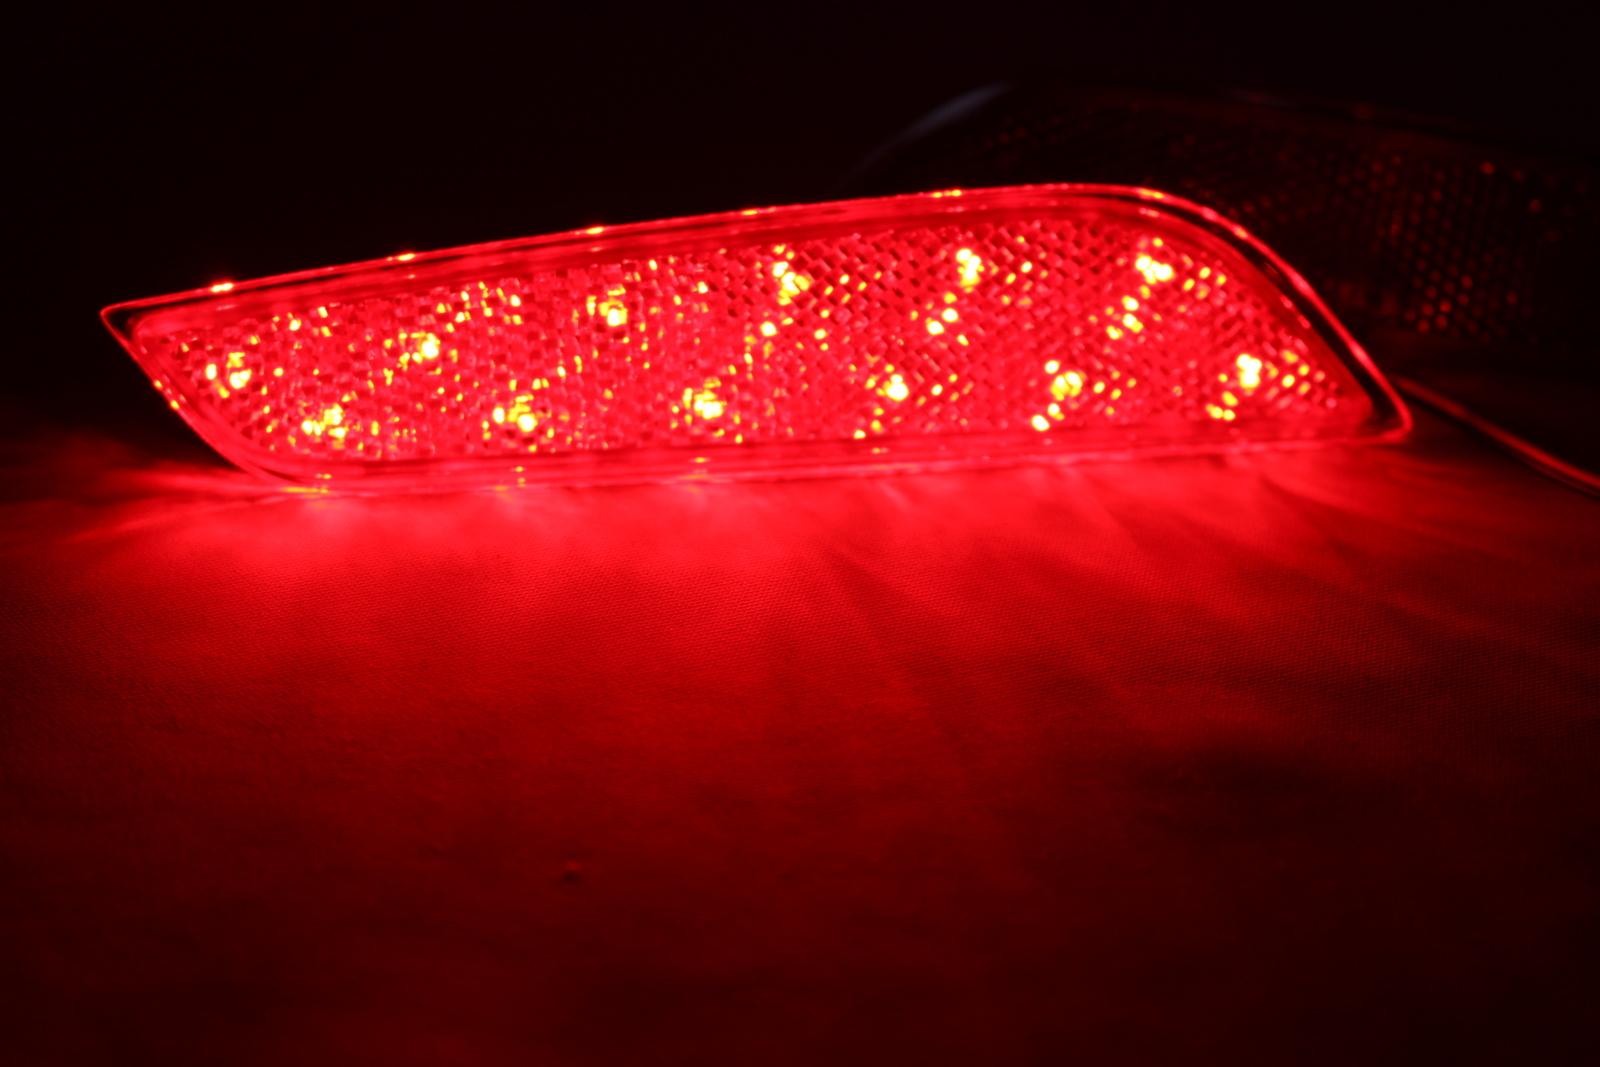 光ってなければ純正品 光れば明るく綺麗 拘りの加工法で長寿命 光るリフレクターならひからせ屋製純正加工品で決まり 1年保証 割引 無段階減光調整 スイッチ付で即純正復帰 純正加工LEDリフレクターランプ レクサスIS GSE3# 30系後期 AVE3# USE30型 ASE30 ※前期 未使用 中期には不適合